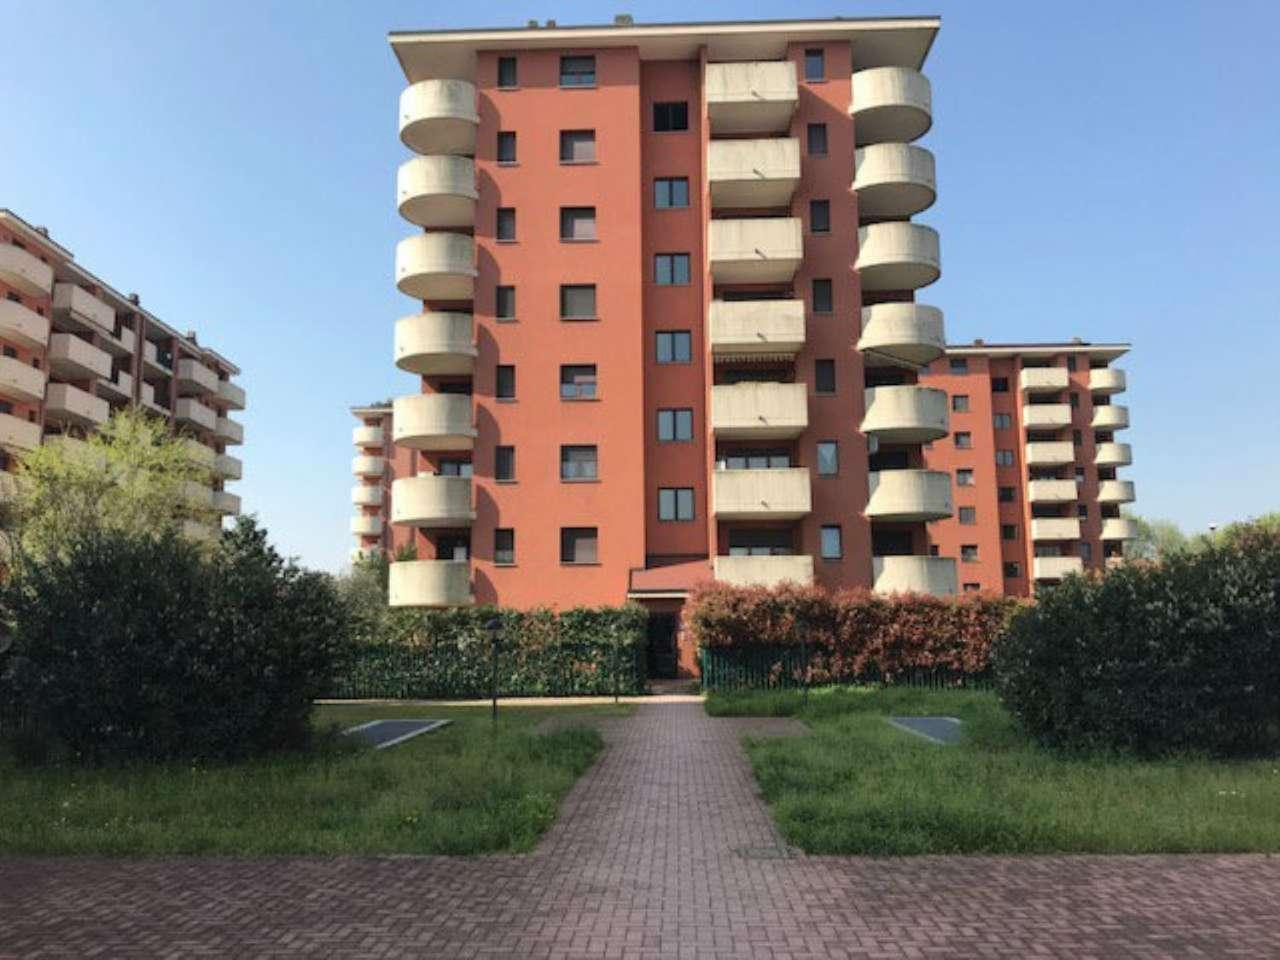 Appartamento in vendita a Busto Arsizio, 2 locali, prezzo € 85.500 | CambioCasa.it